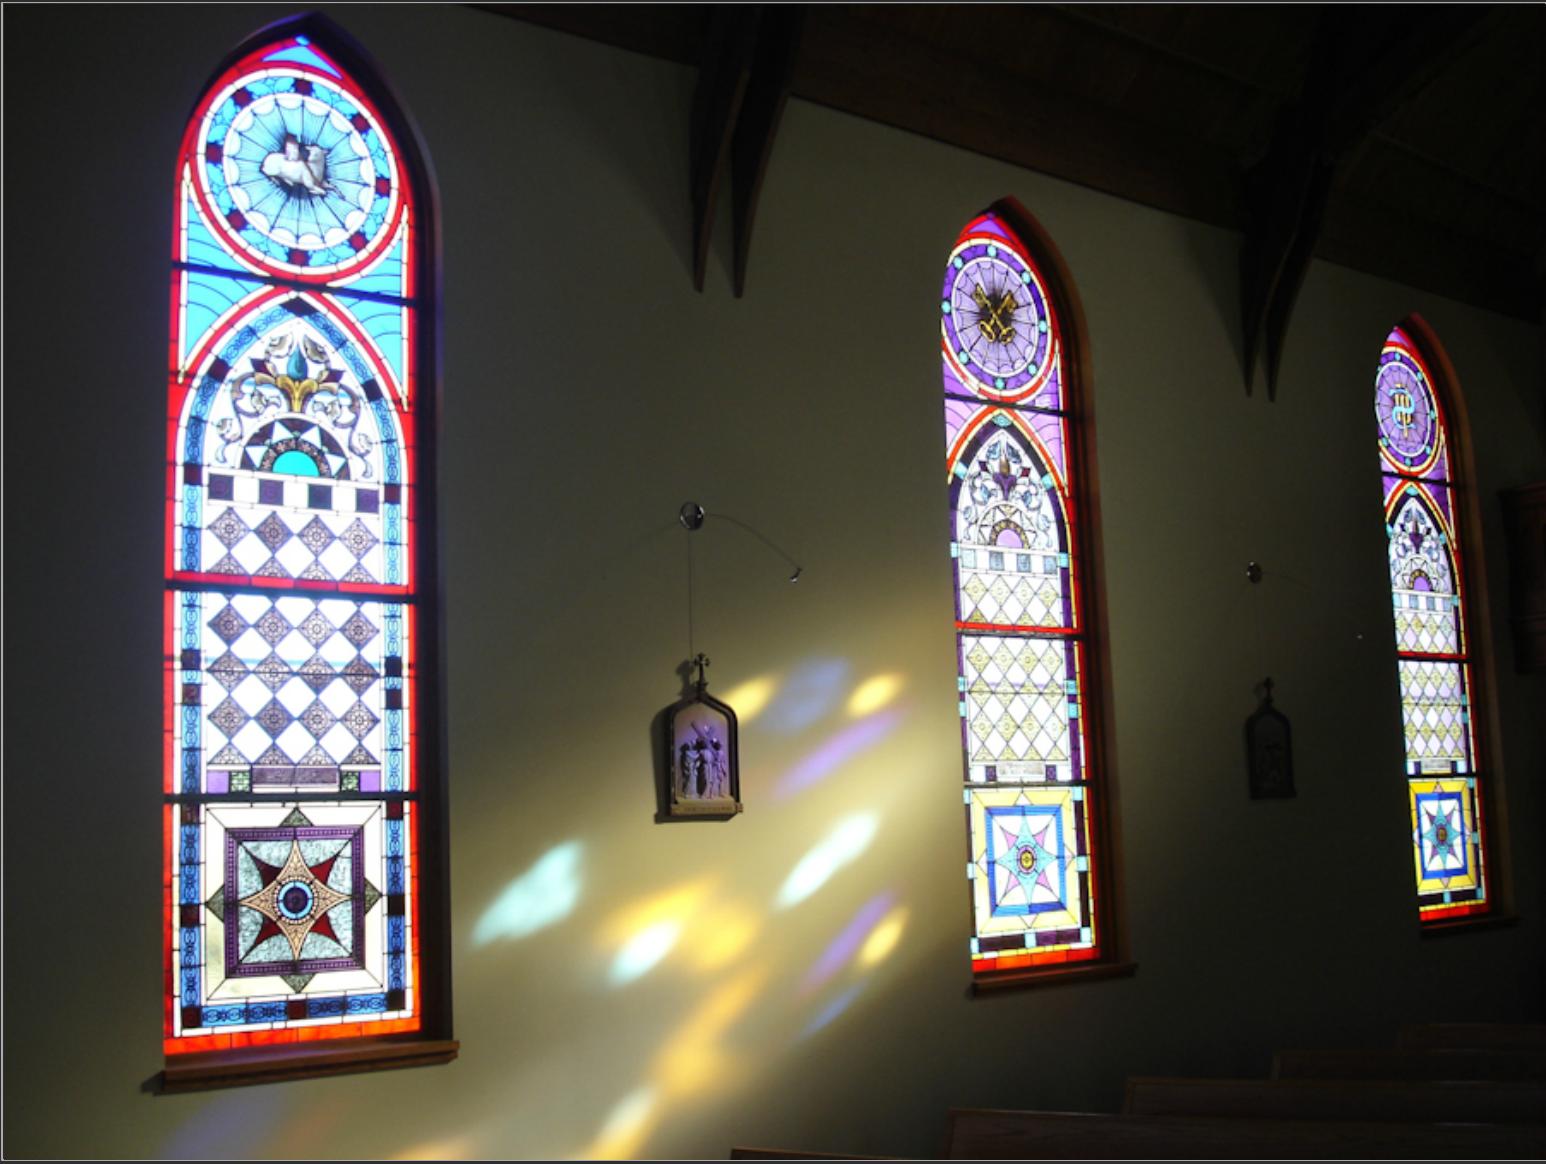 St. Patrick Catholic Church - Gretna, NE